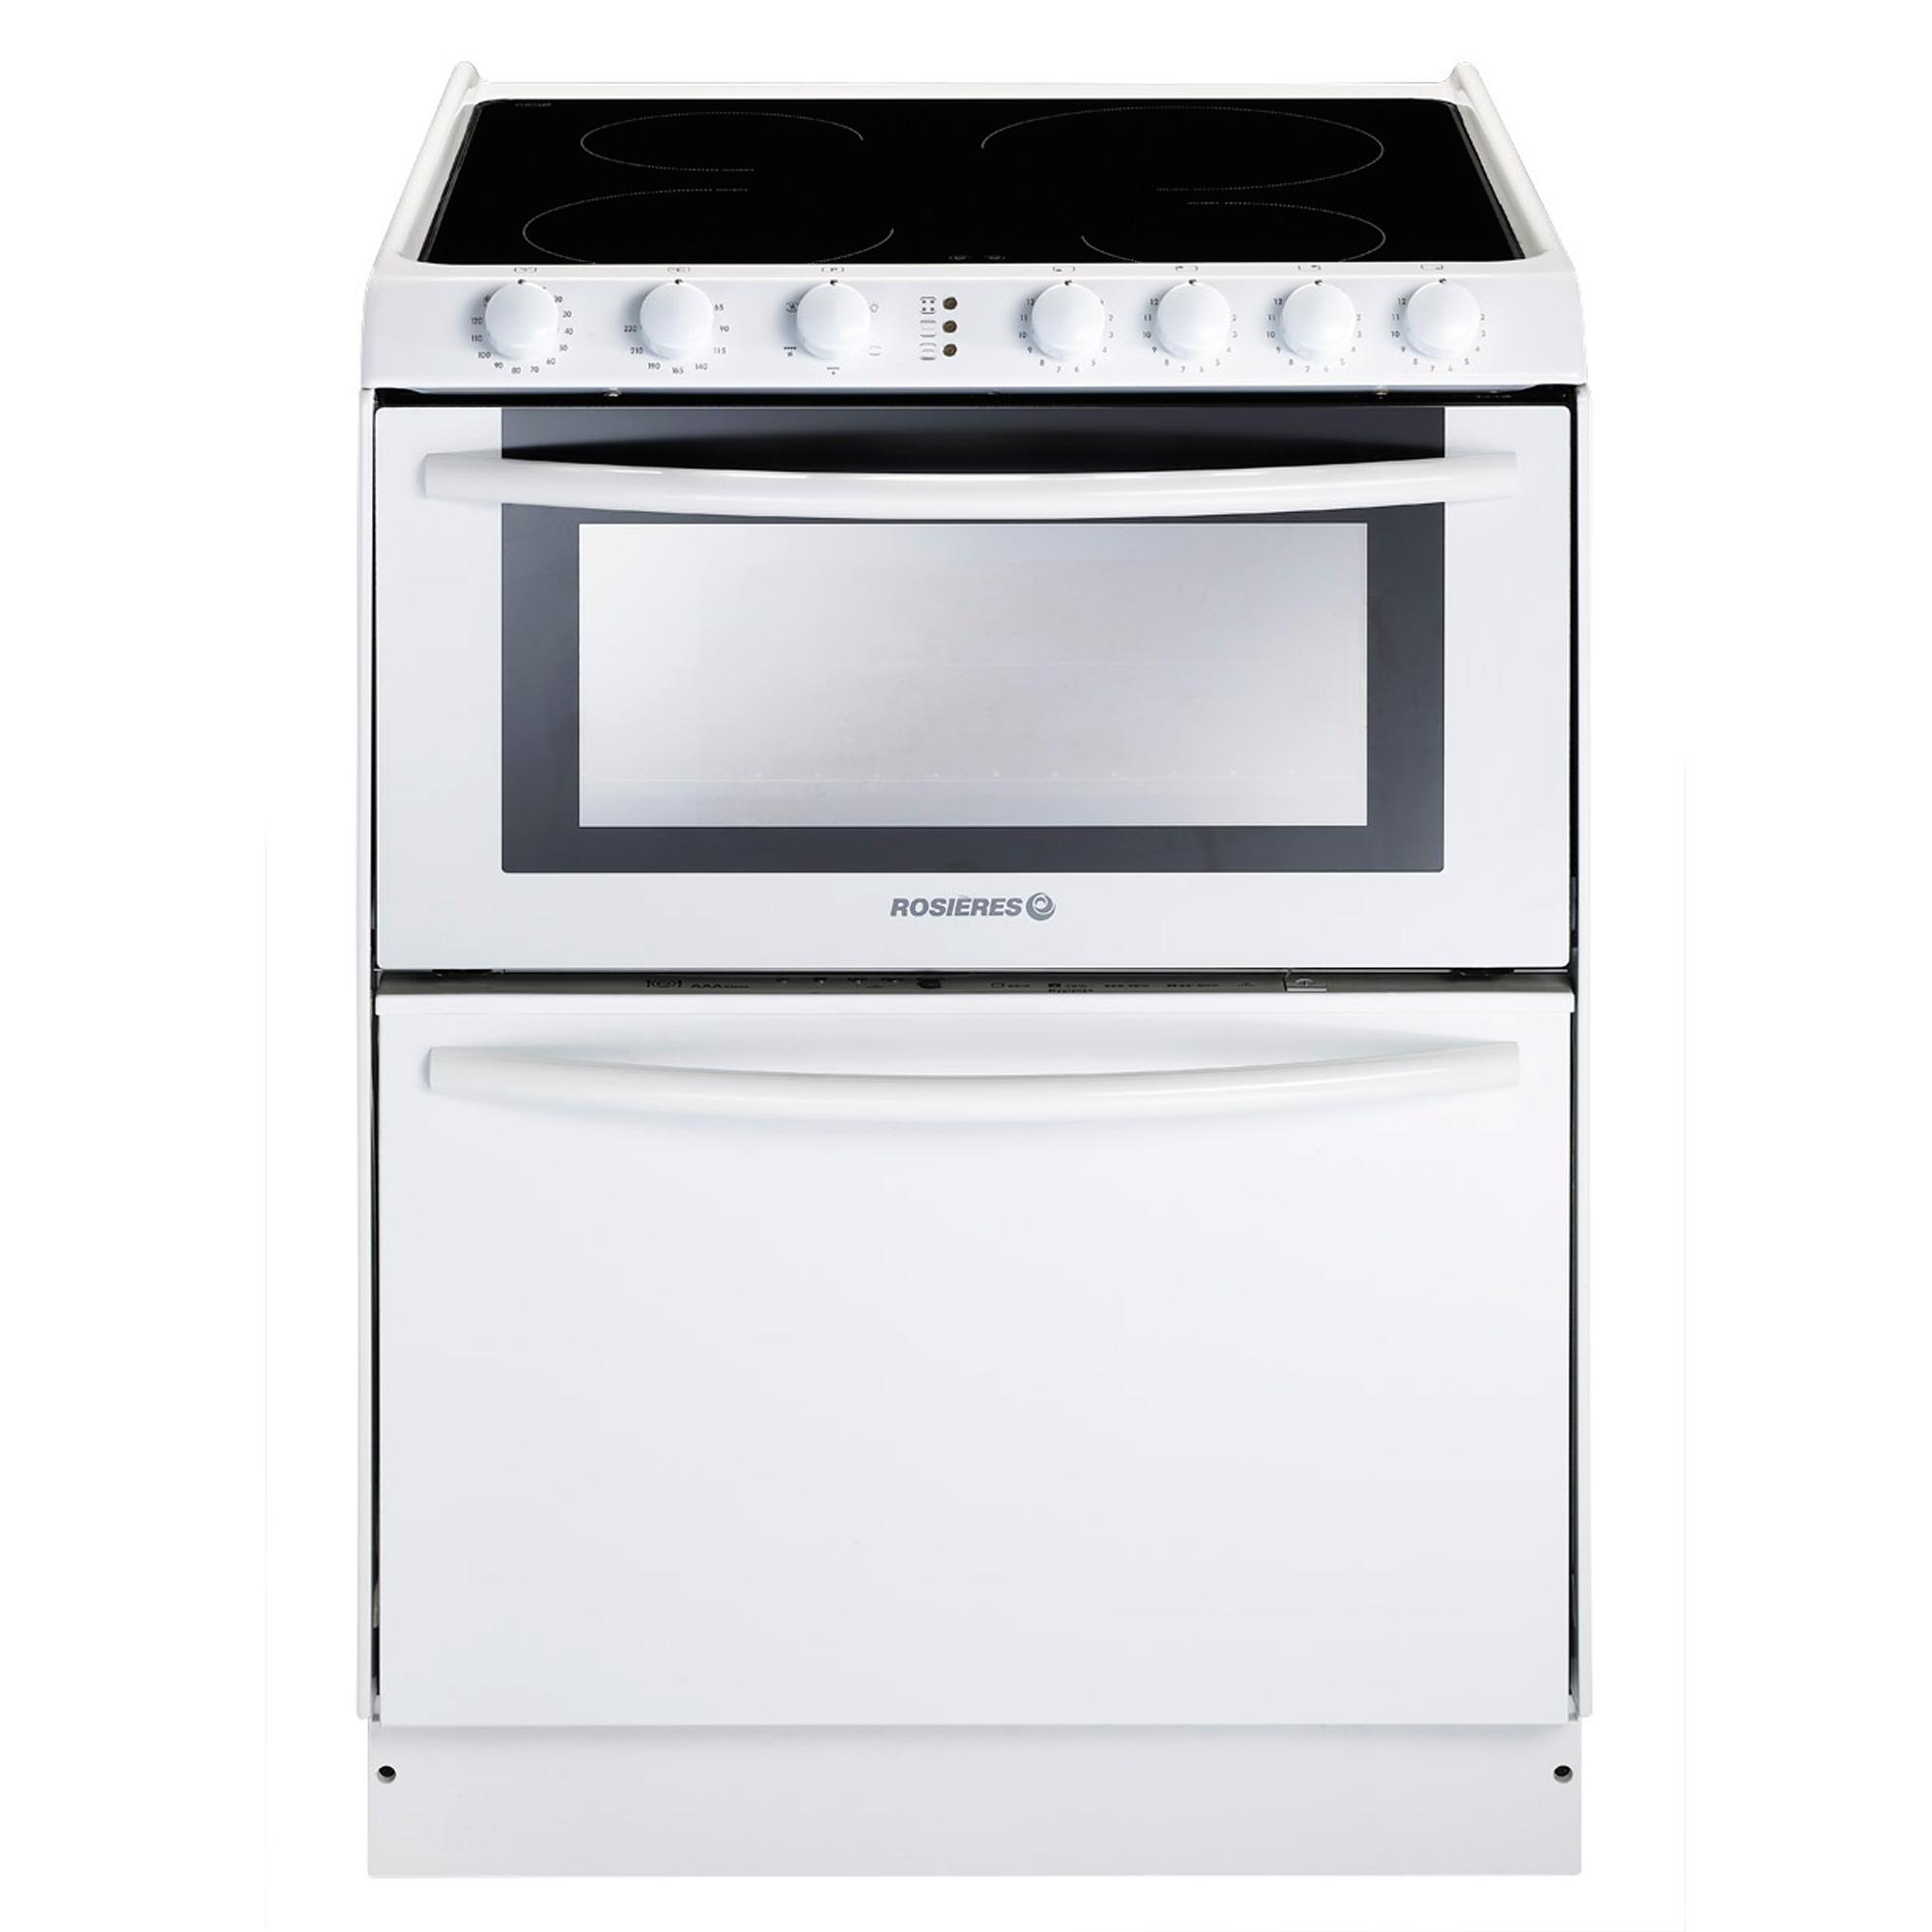 Lave vaisselle cuisson triple10v rosieres - Lave vaisselle table de cuisson four ...